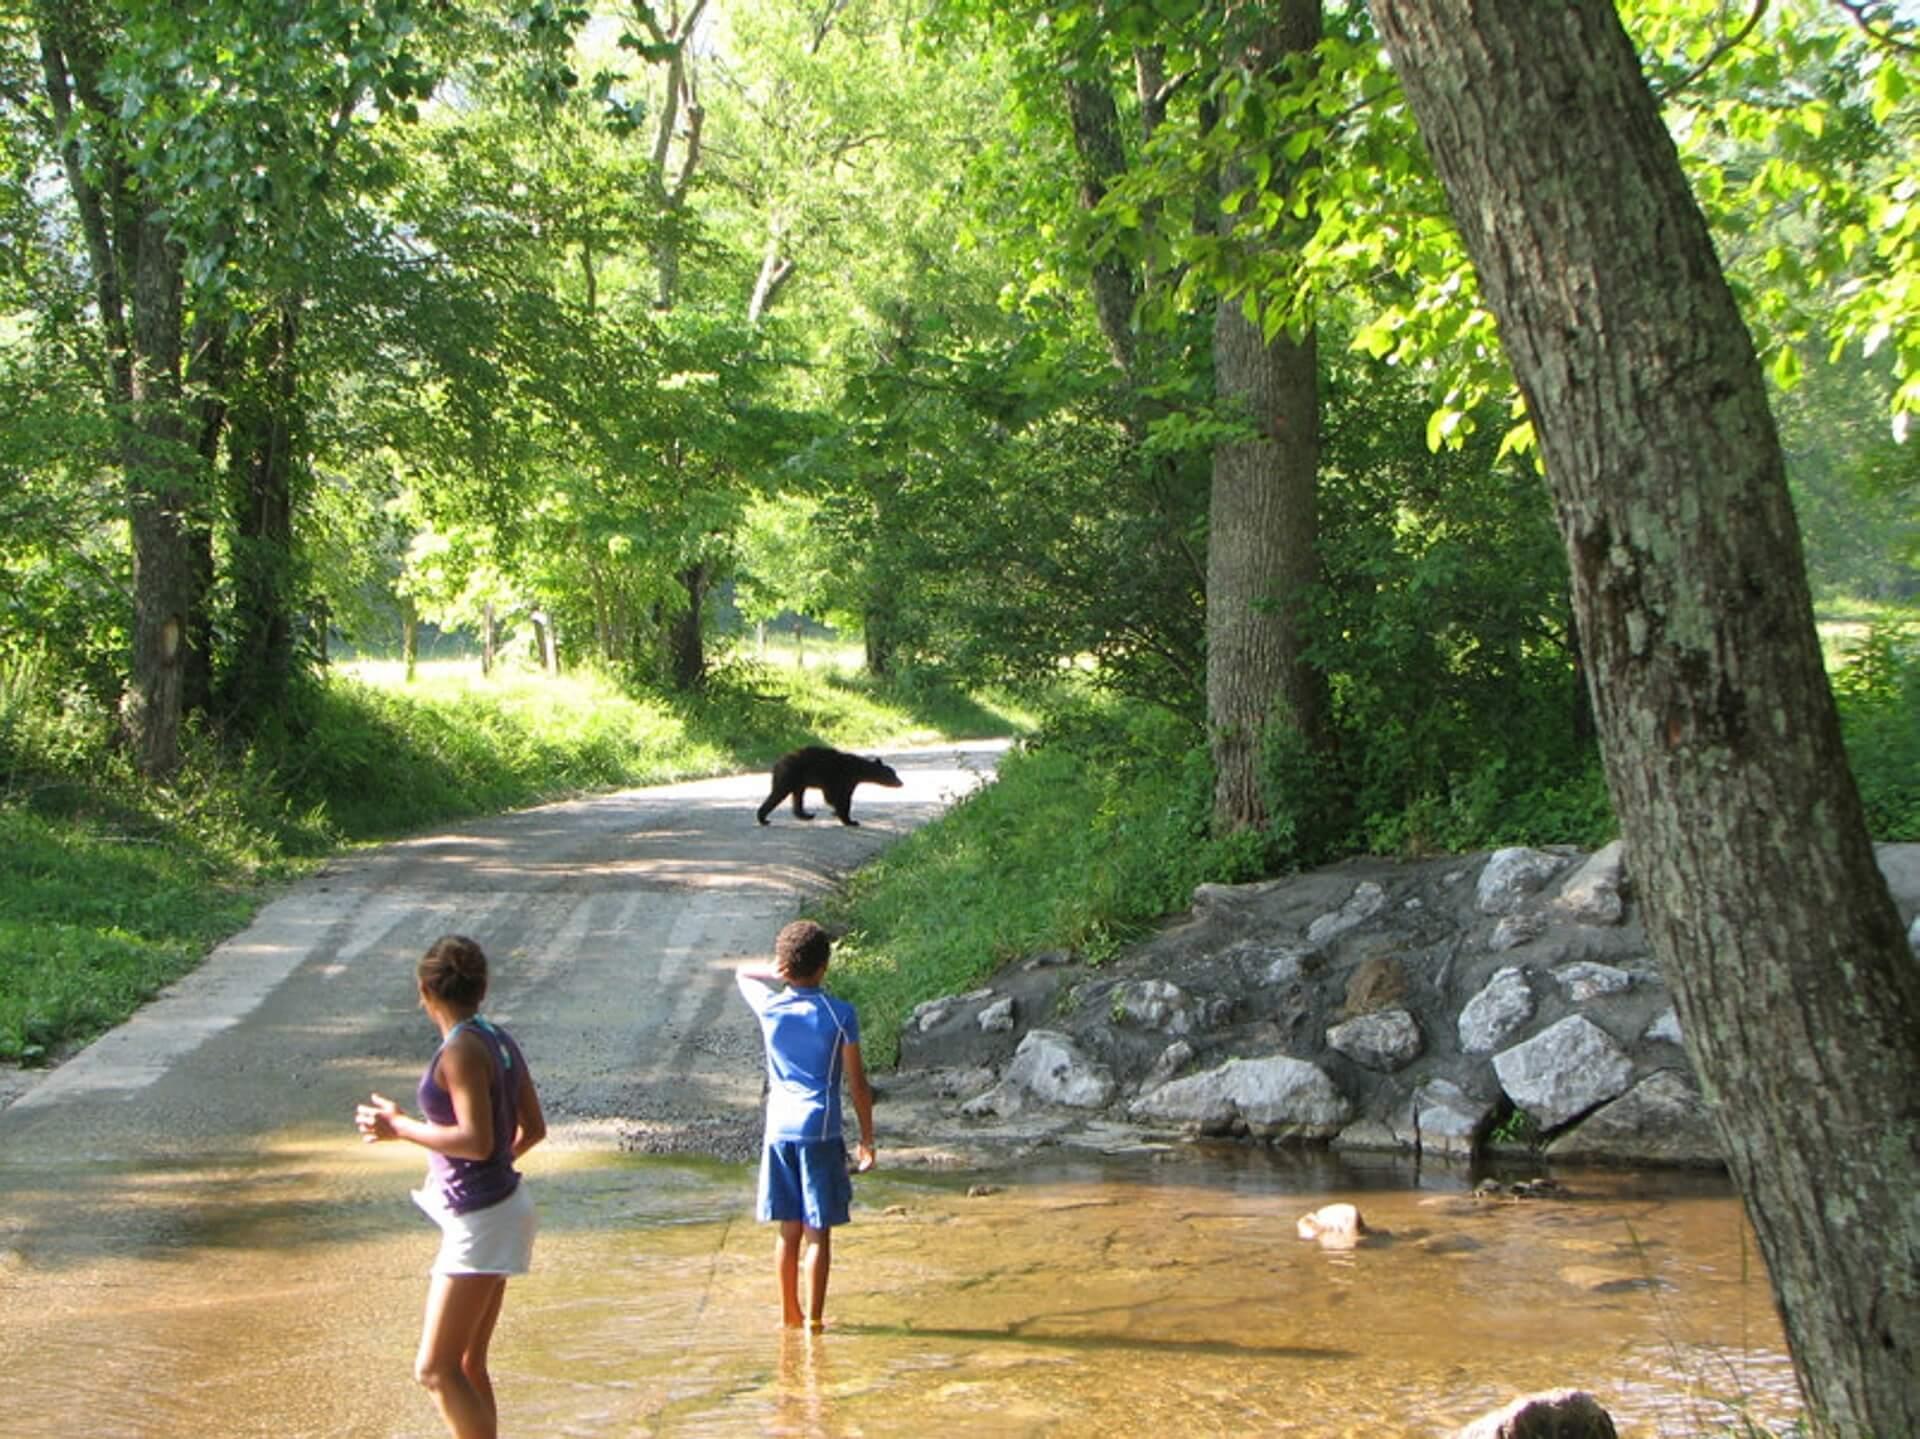 er loopt een beer op de weg